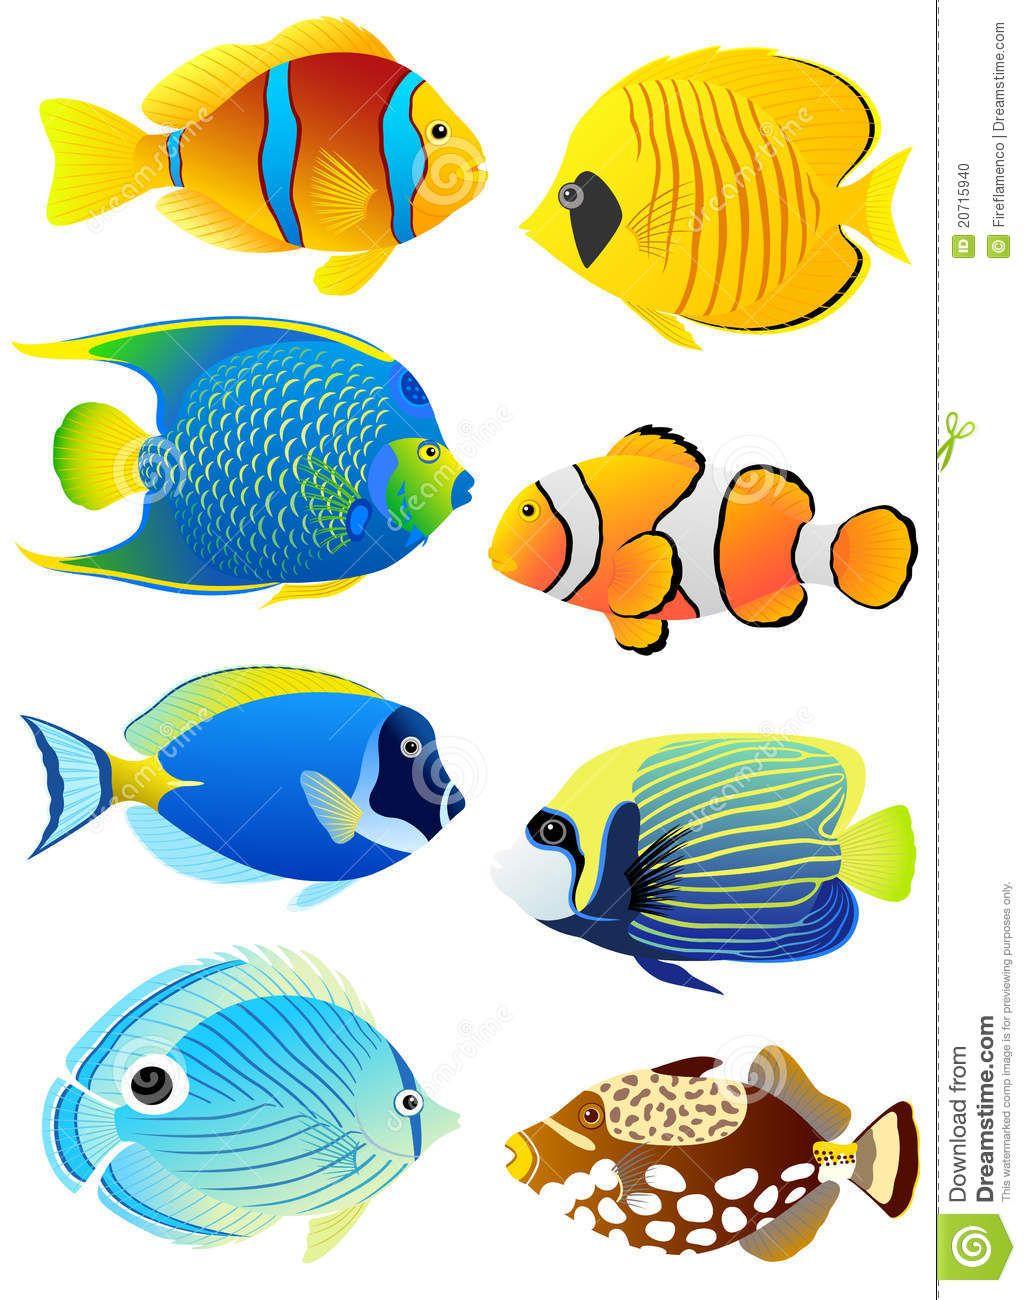 Peixes Tropicais Ilustracao Fireflamenco Peixes Tropicais